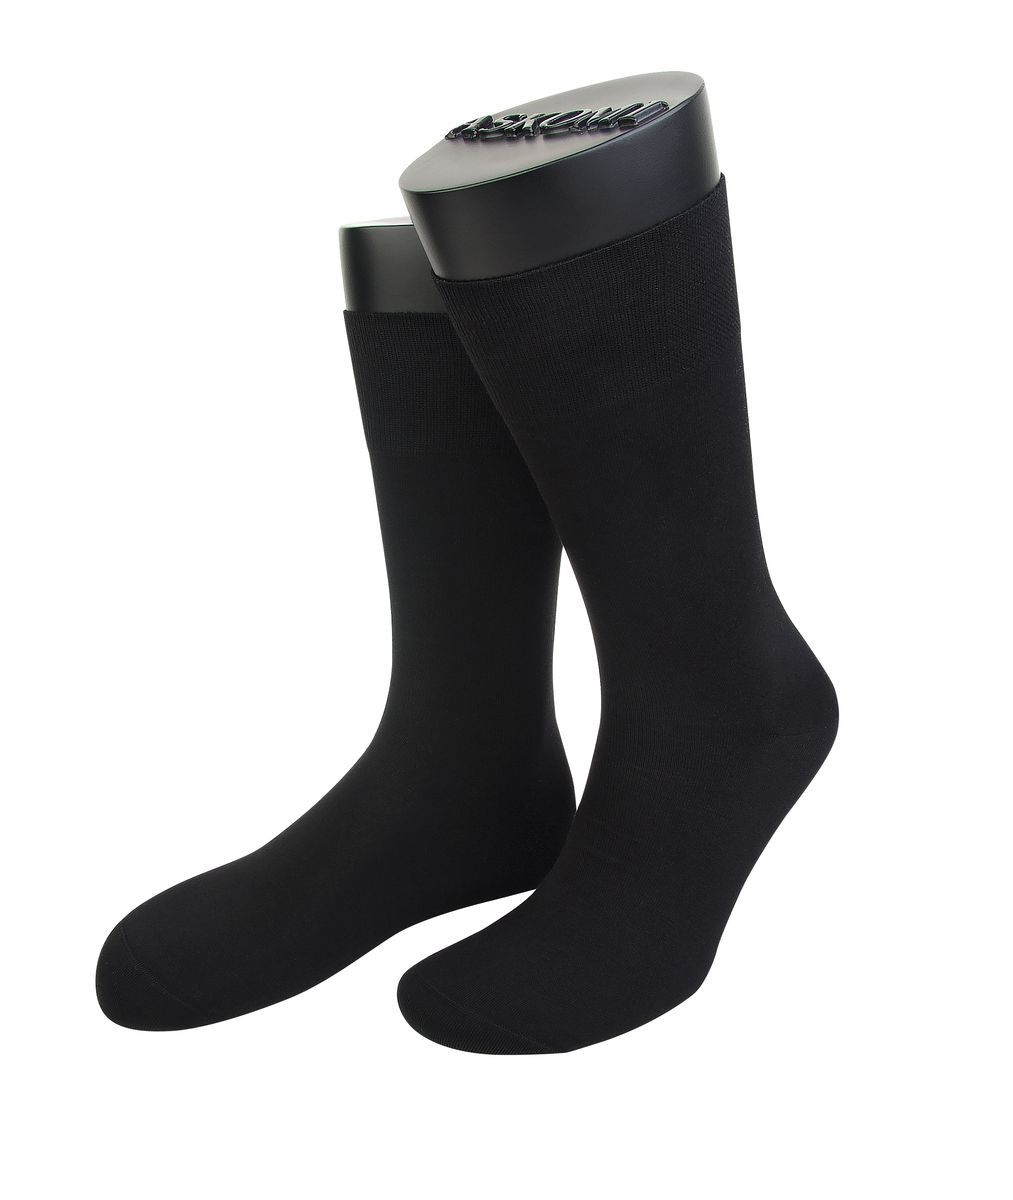 Носки мужские Askomi Classic, цвет: черный. АМ-7900_8101. Размер 29 (43-44)АМ-7900_8101Мужские носки Askomi Classic для повседневной носки выполнены из хлопка Pima с добавлением полиамида. Хлопок Pima (перуанский) выращен в специальных климатических условиях. Его отличает длинное тонкое волокно, он характеризуется высокой прочностью и шелковистью на ощупь. Носок и пятка укреплены, что значительно увеличивает износостойкость носков. Двойной борт для плотной фиксации не пережимает сосуды. Кеттельный шов не ощутим для ноги.